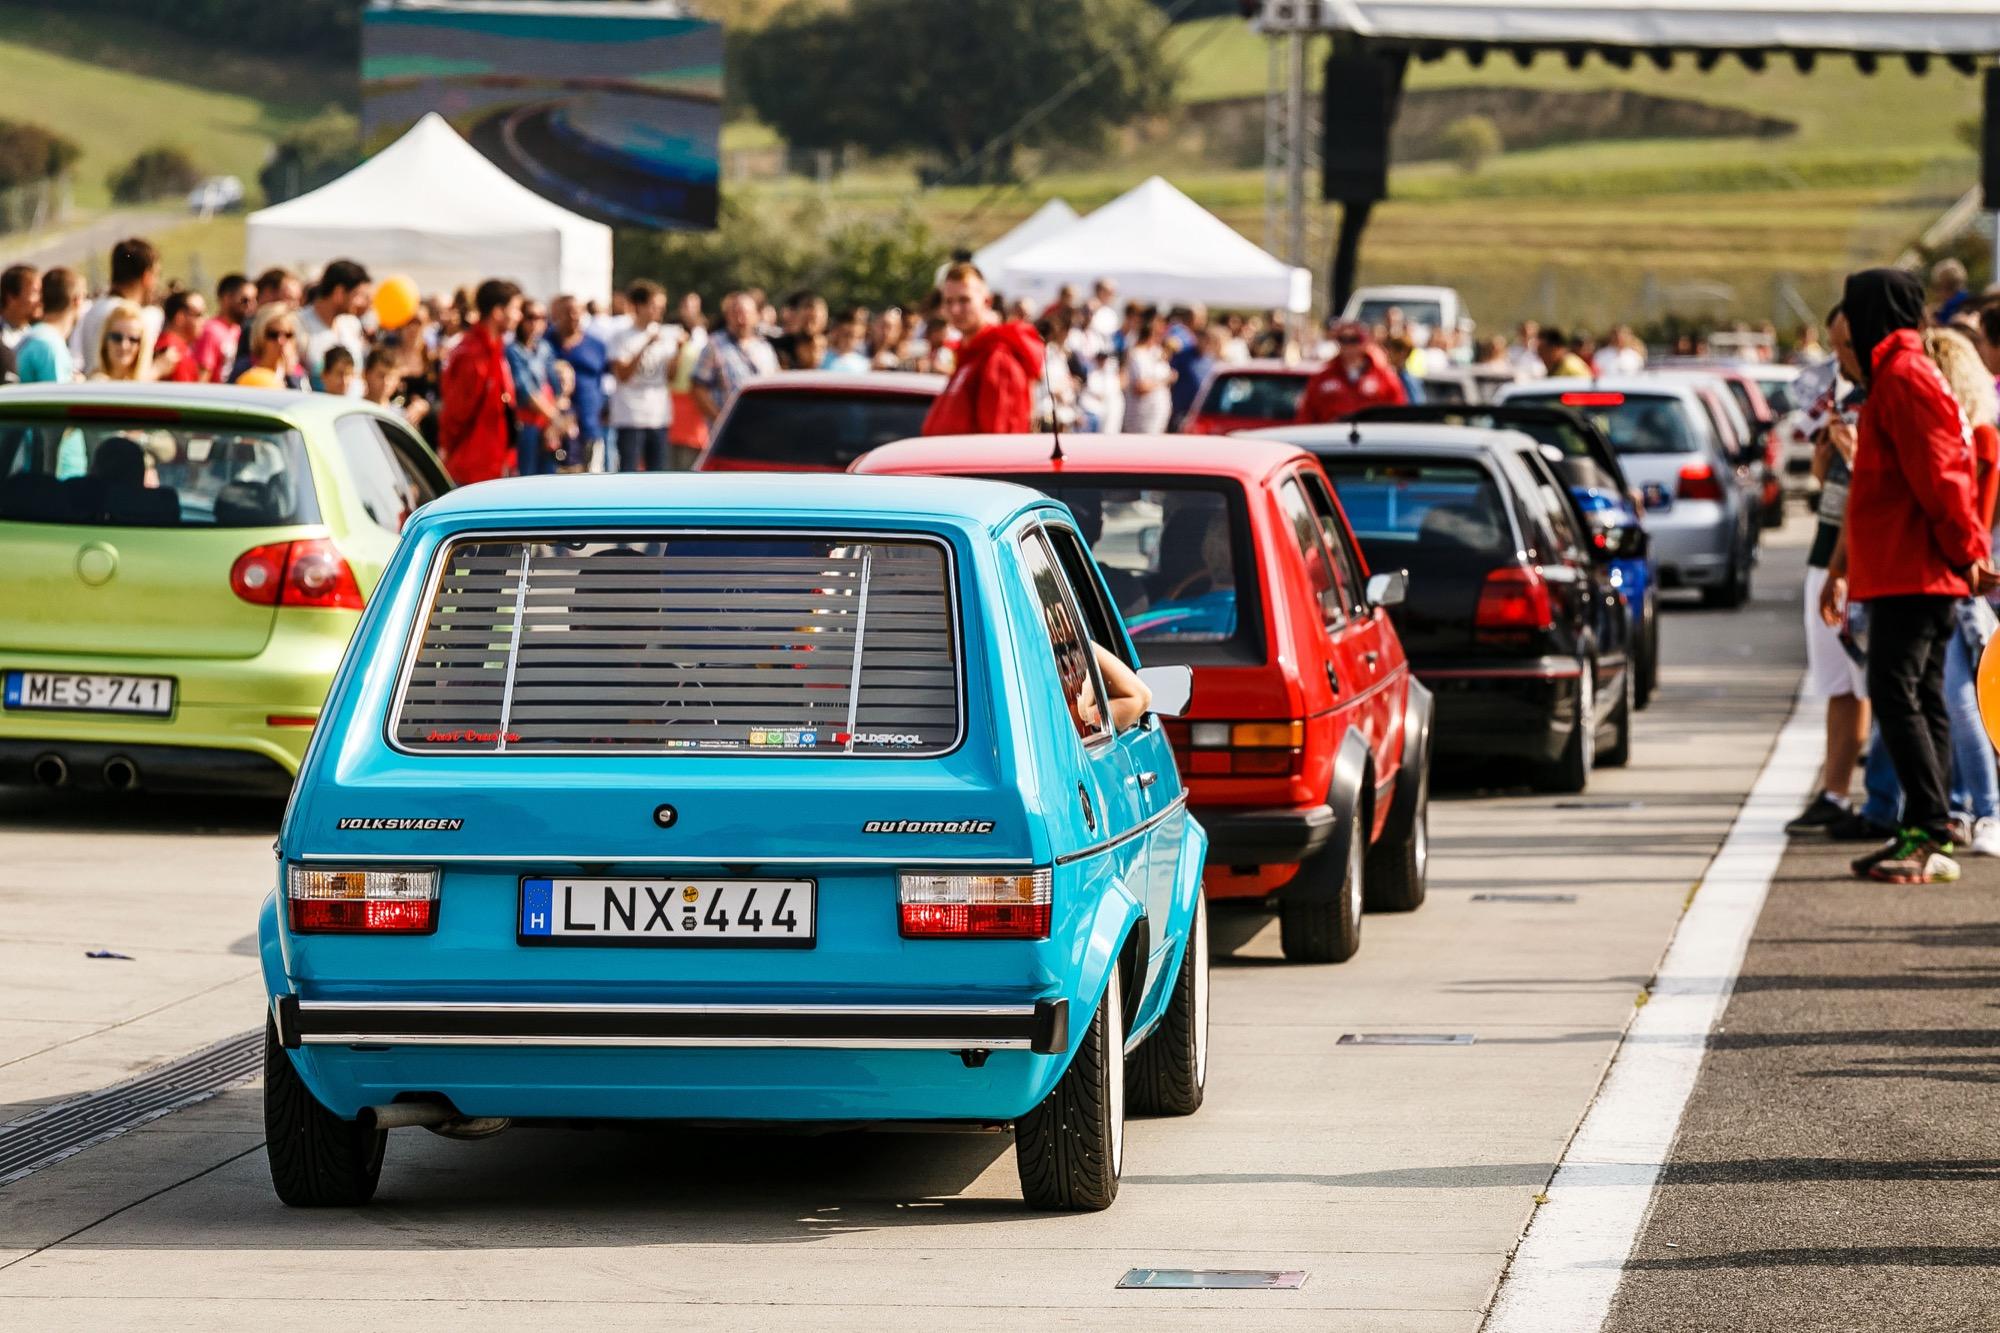 Szombaton rendezik meg a VI. Volkswagen találkozót a Hungaroringen